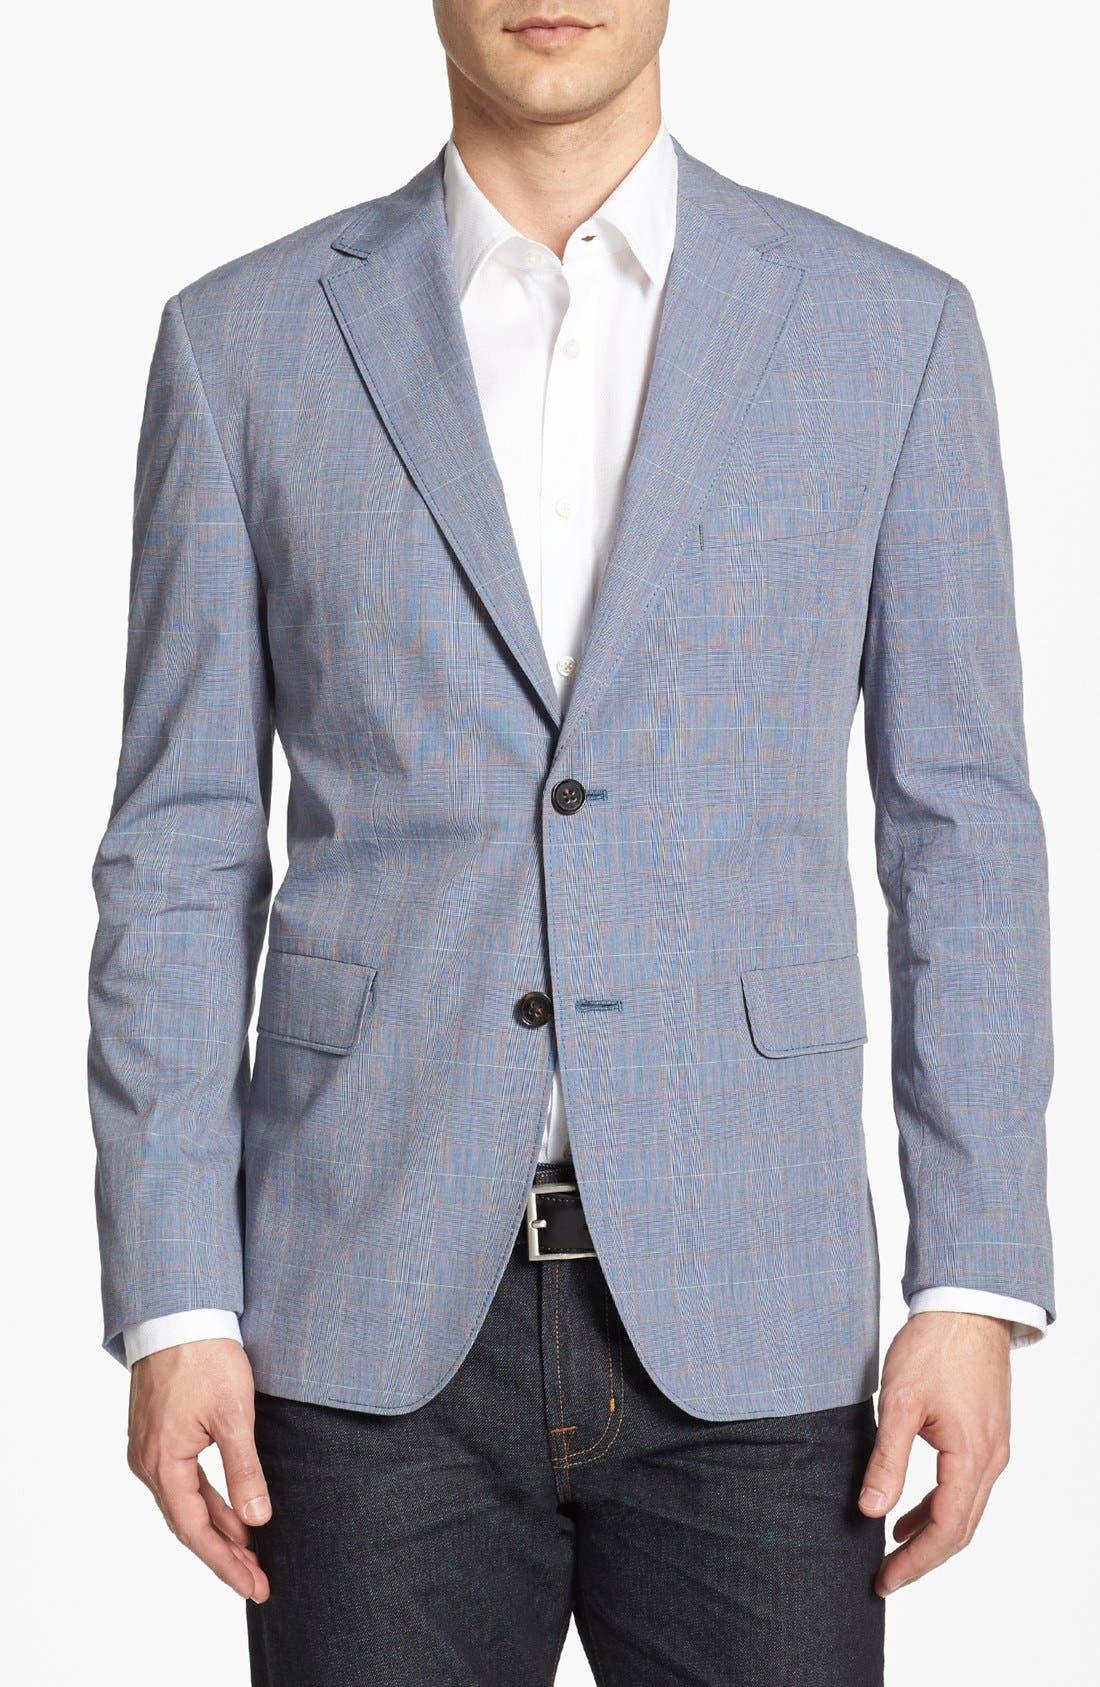 Main Image - BOSS HUGO BOSS 'Coastu' Sportcoat